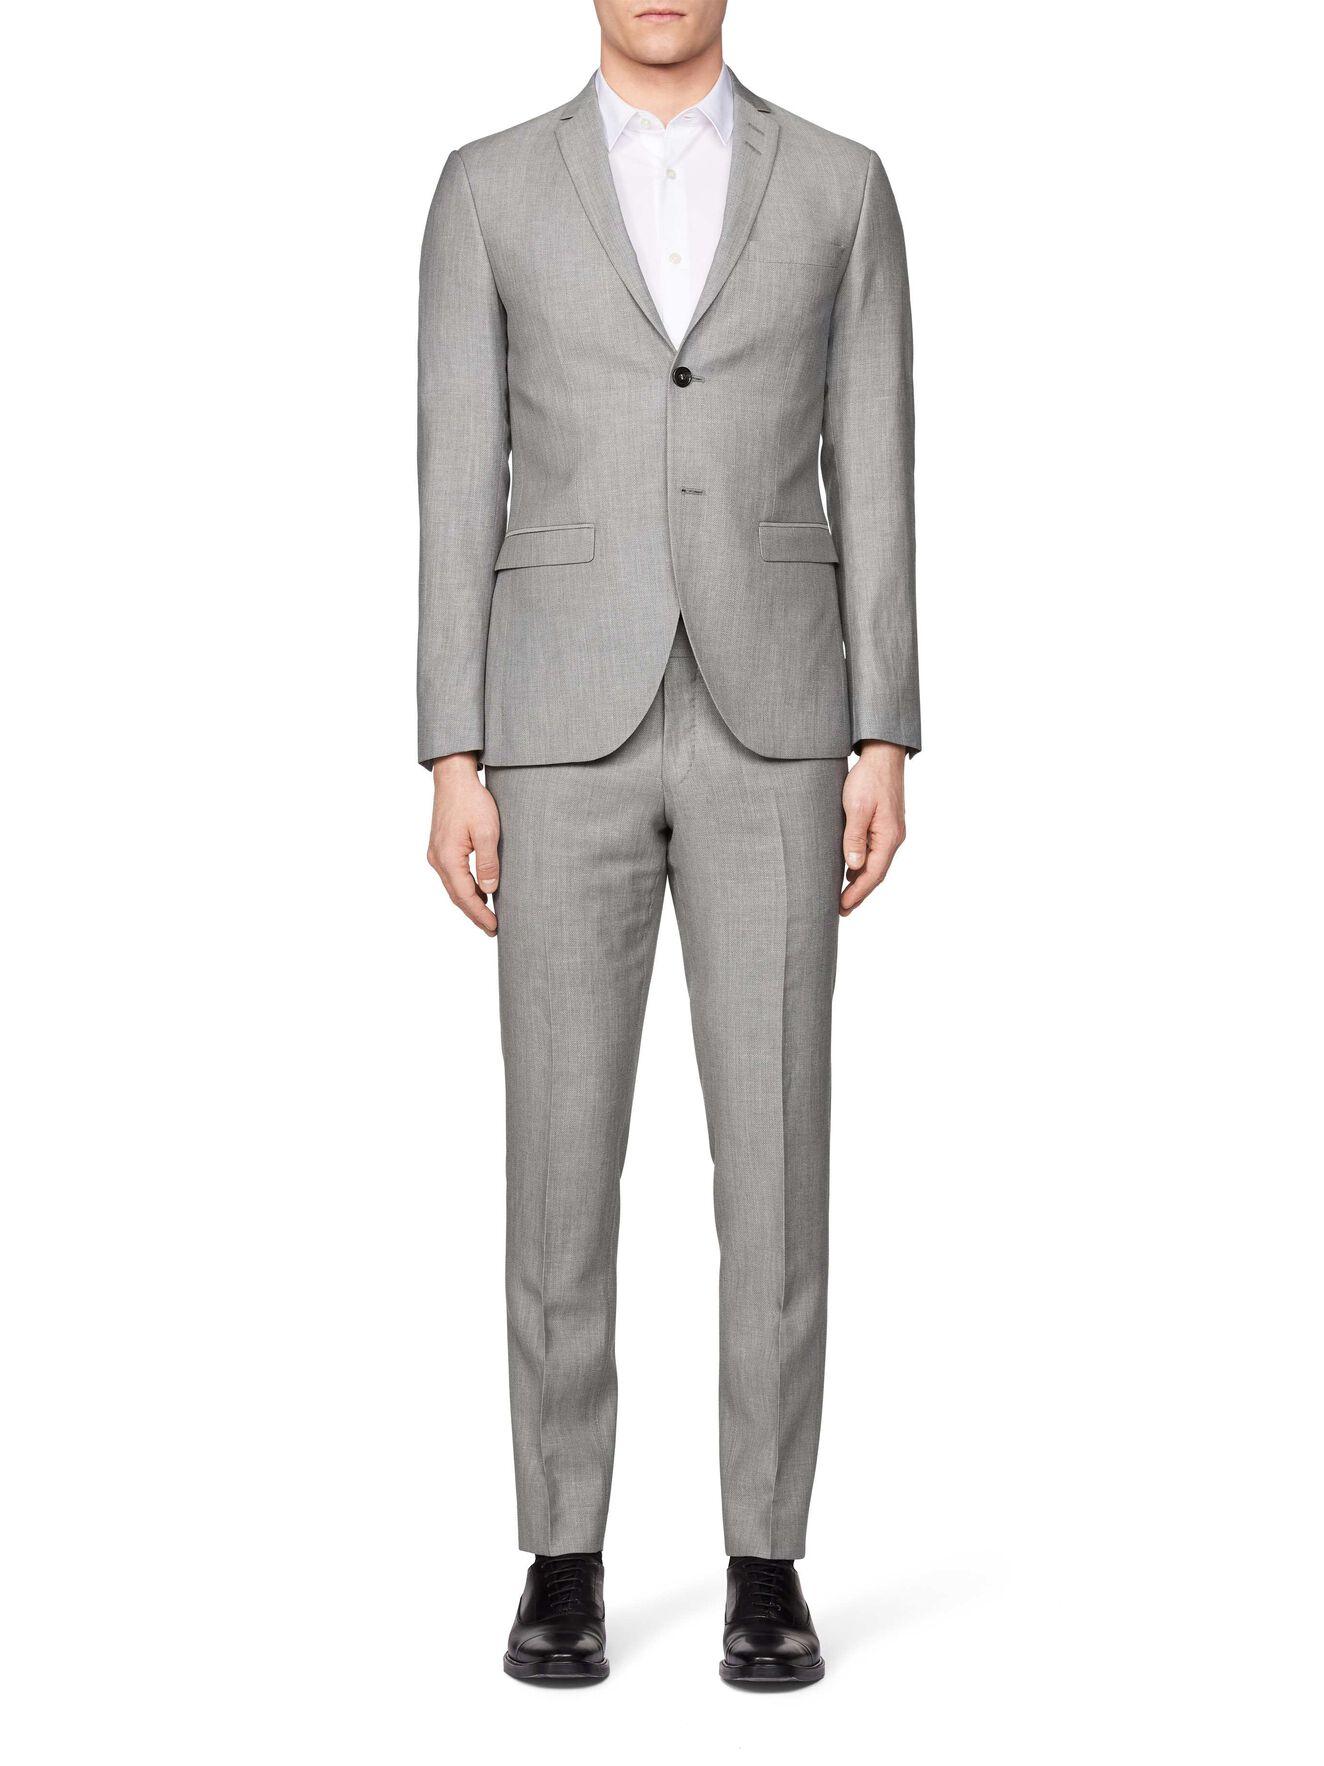 Jil 8 Suit in Light grey melange from Tiger of Sweden